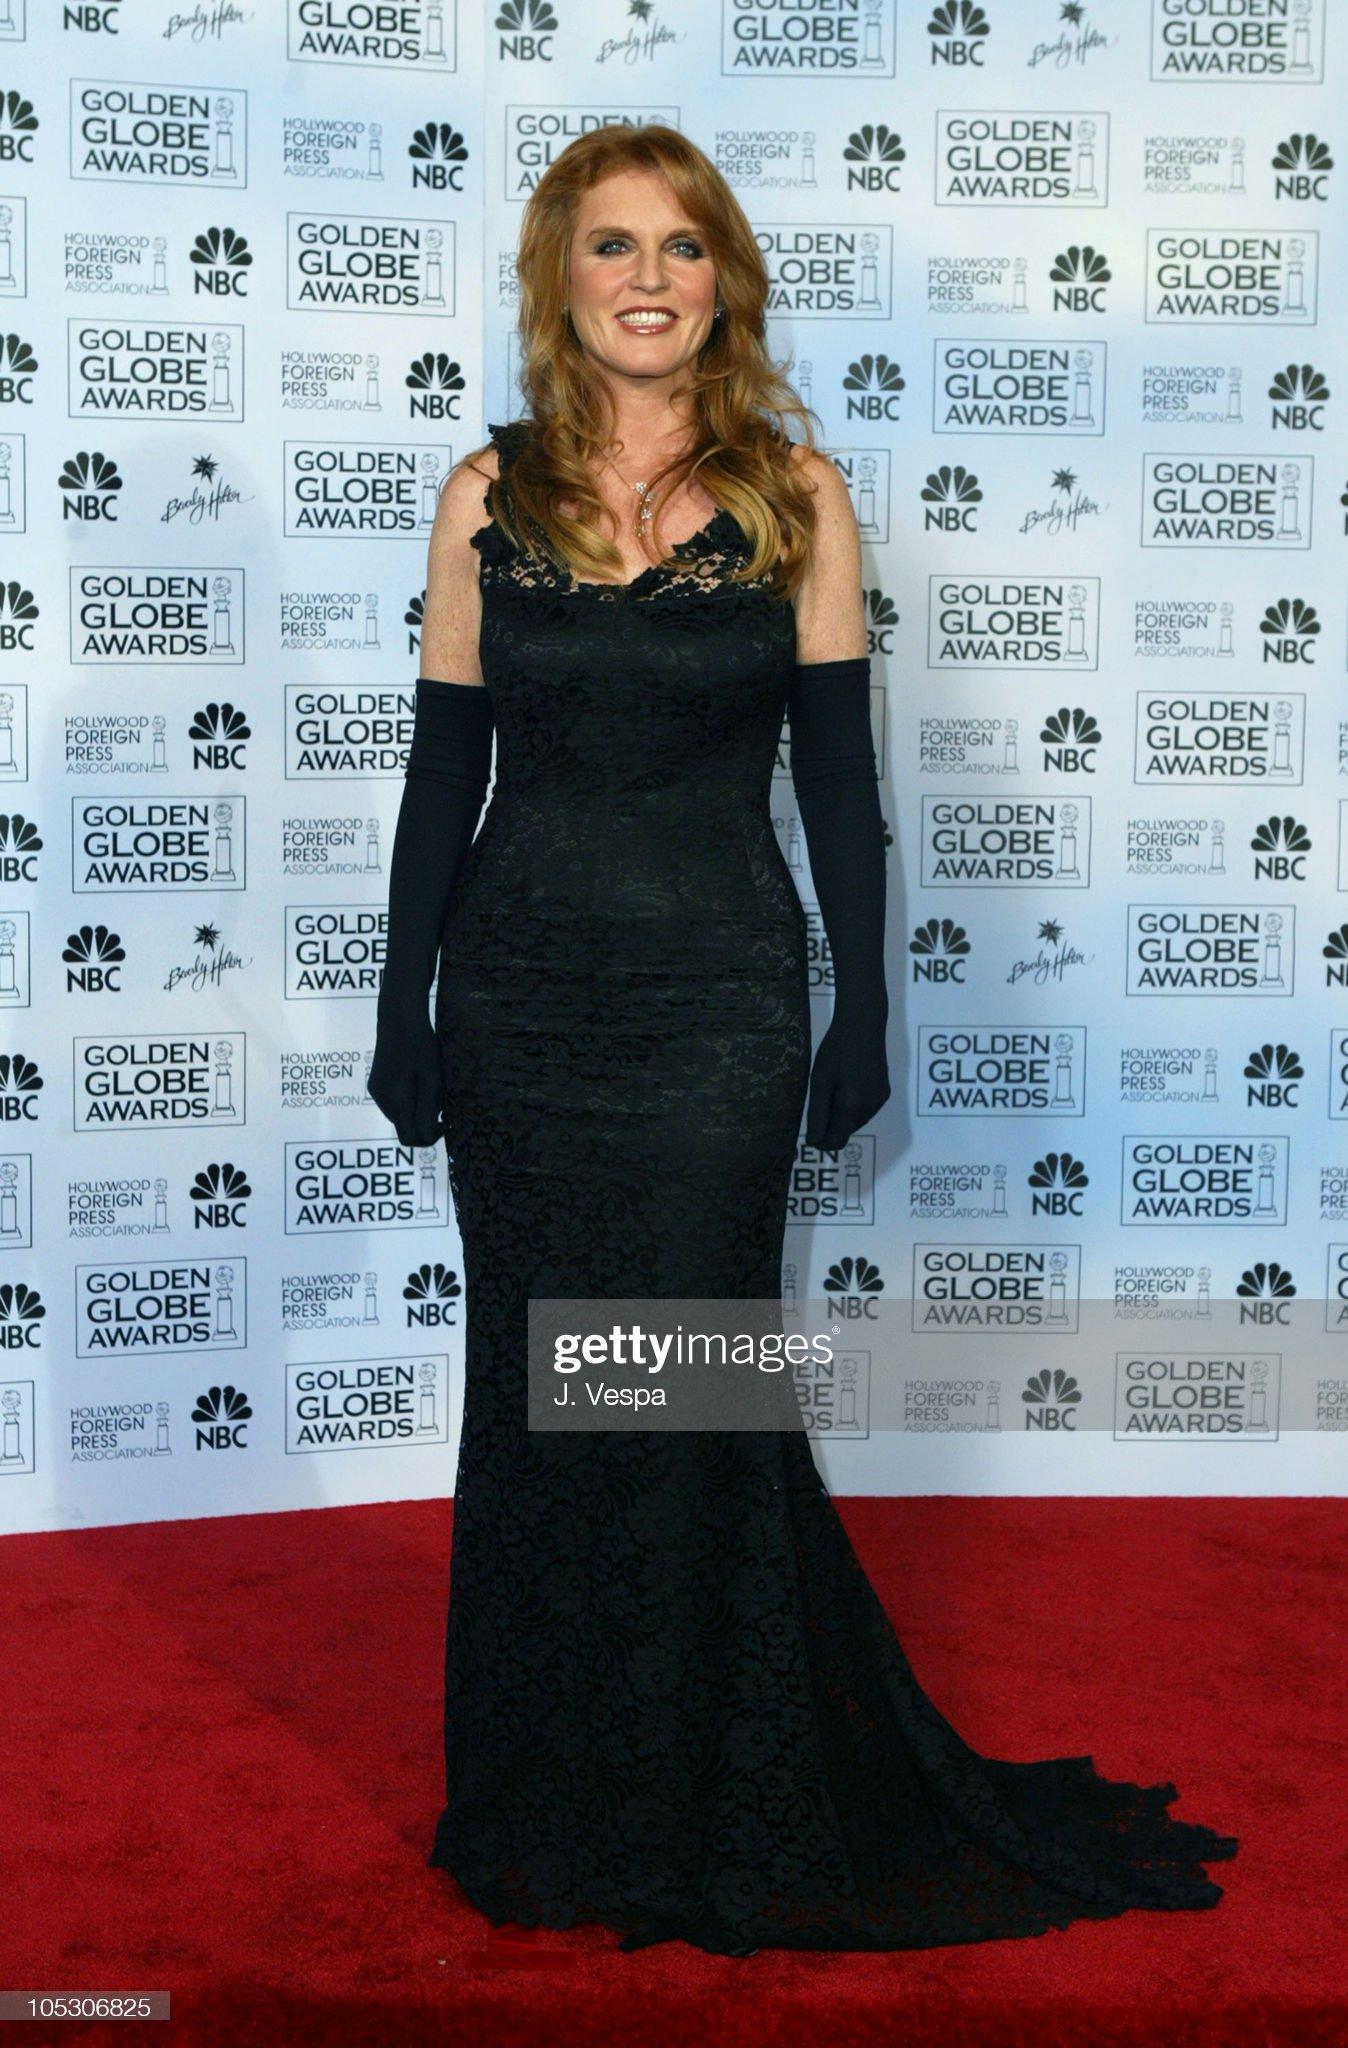 Вечерние наряды Отем пока еще Филлипс и Сары Йоркской The 61st Annual Golden Globe Awards - Press Room : News Photo